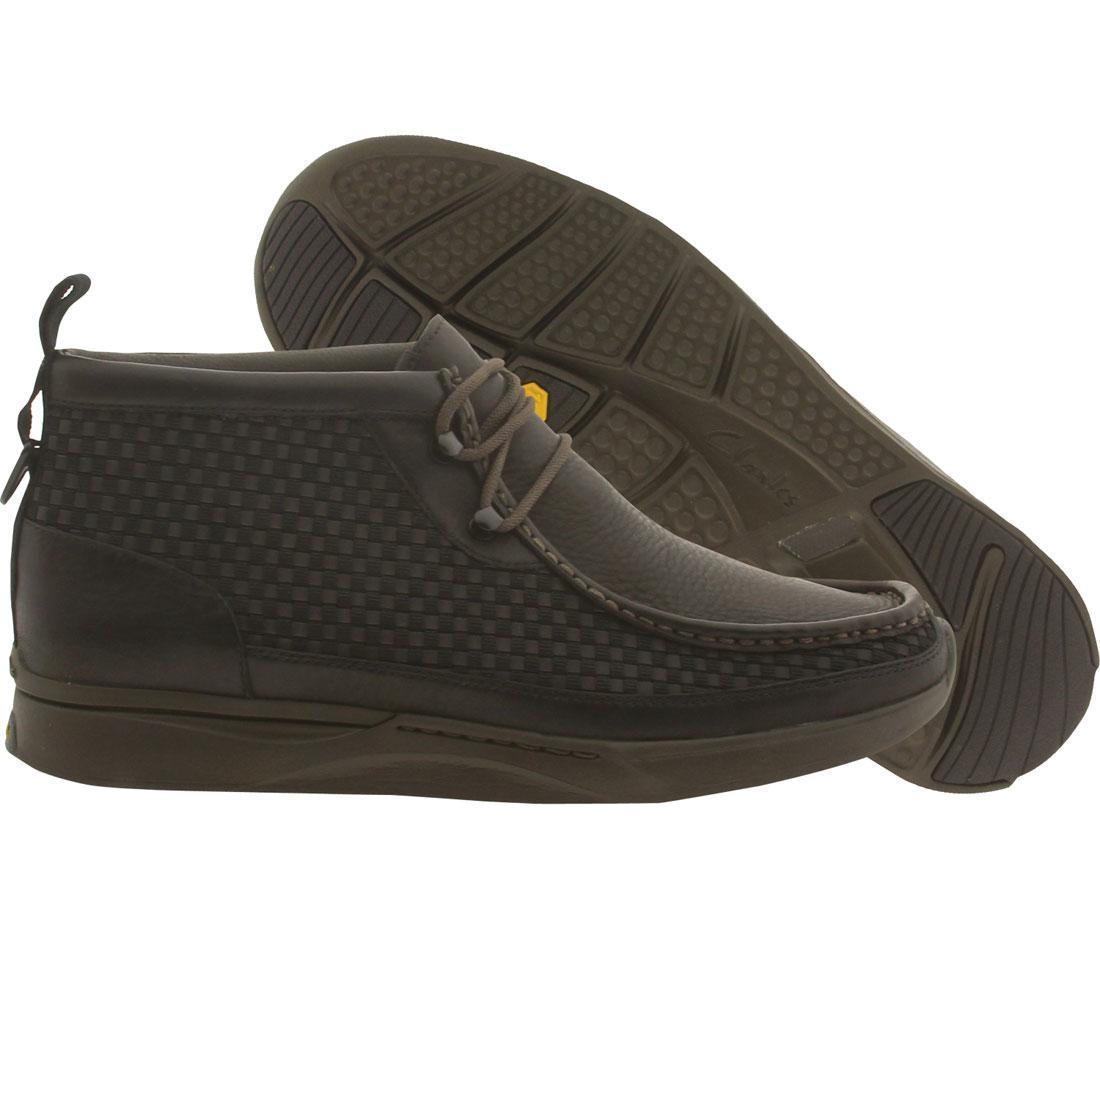 【海外限定】クラークス ステルス 靴 スニーカー 【 CLARKS MEN TAWYER STEALTH BLACK COMB 】